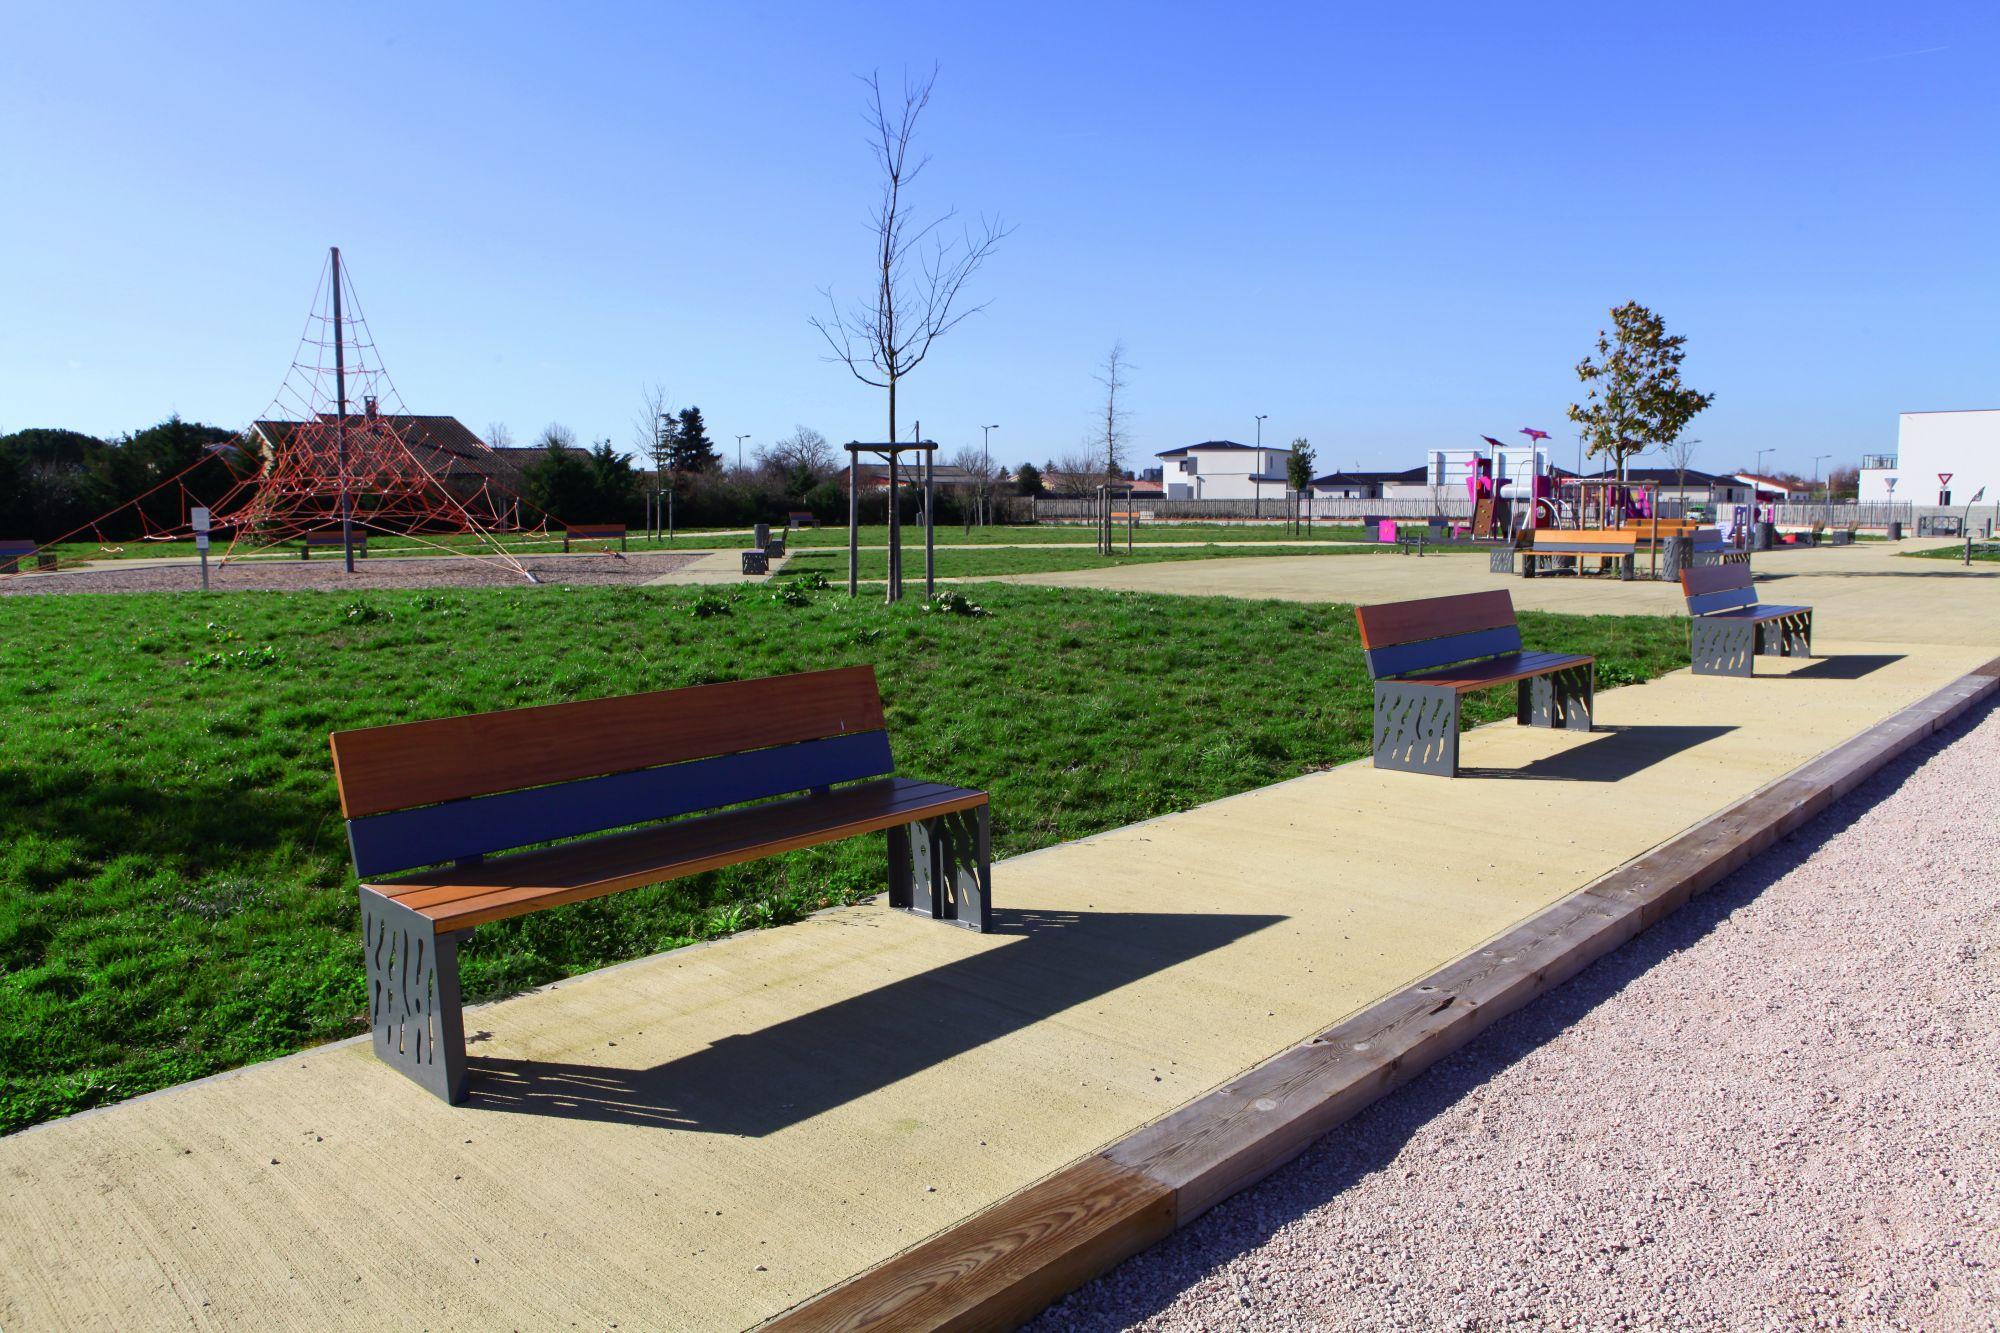 mobiliers urbains sur un aire de jeux